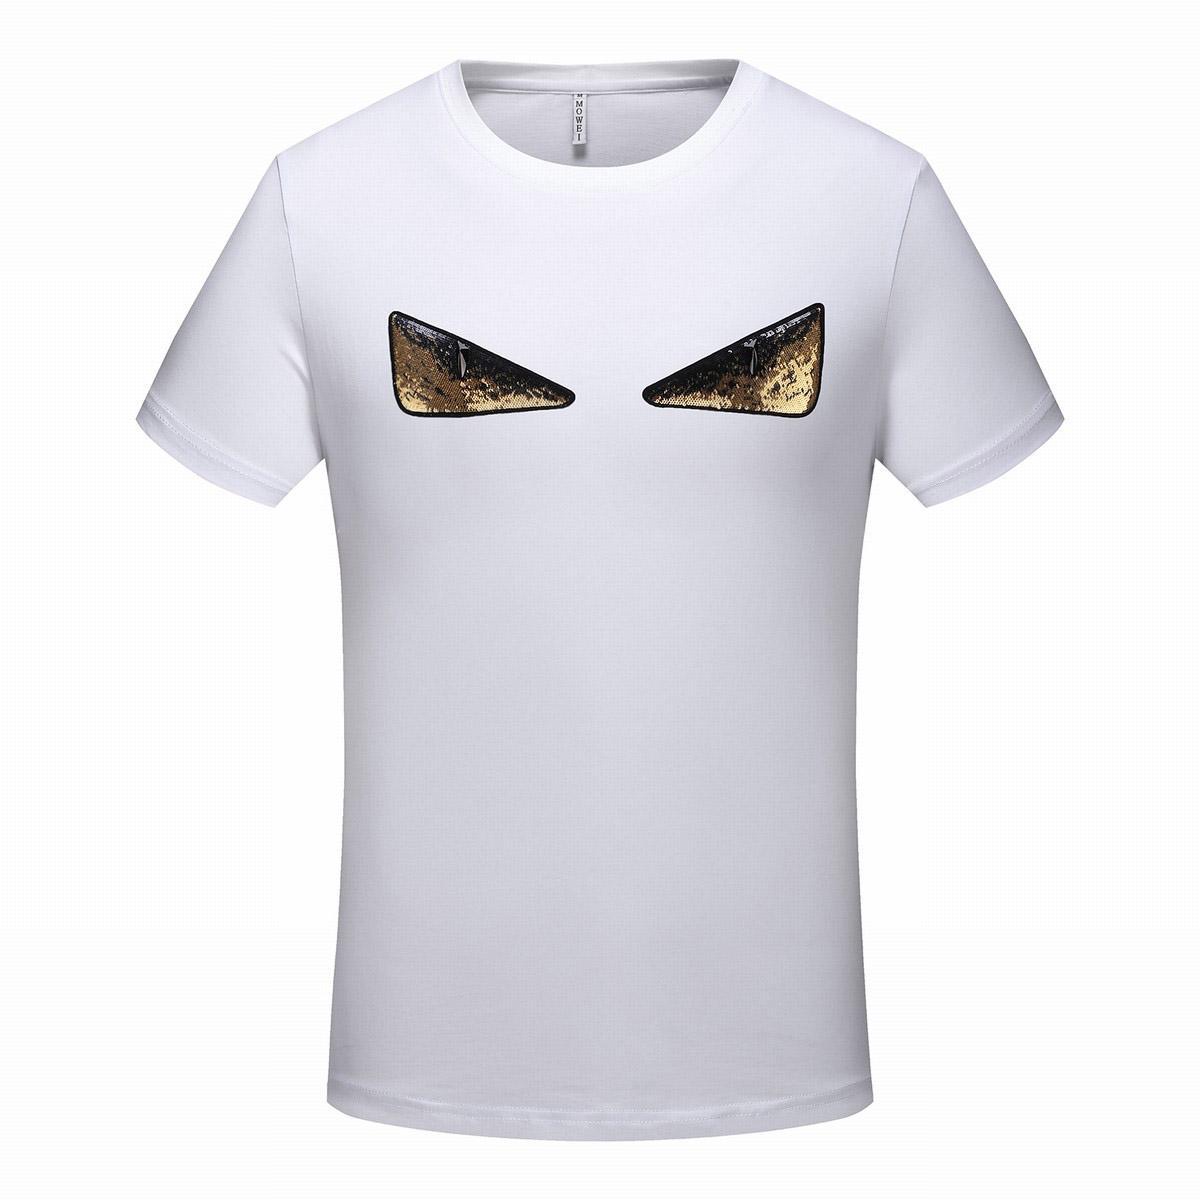 Letras Medusa Ropa Tops De Shirt Diseñador Printted Con Hombres 2019 Manga Moda Hombre Verano T Para Camiseta Animal Corta 7gvYbf6y